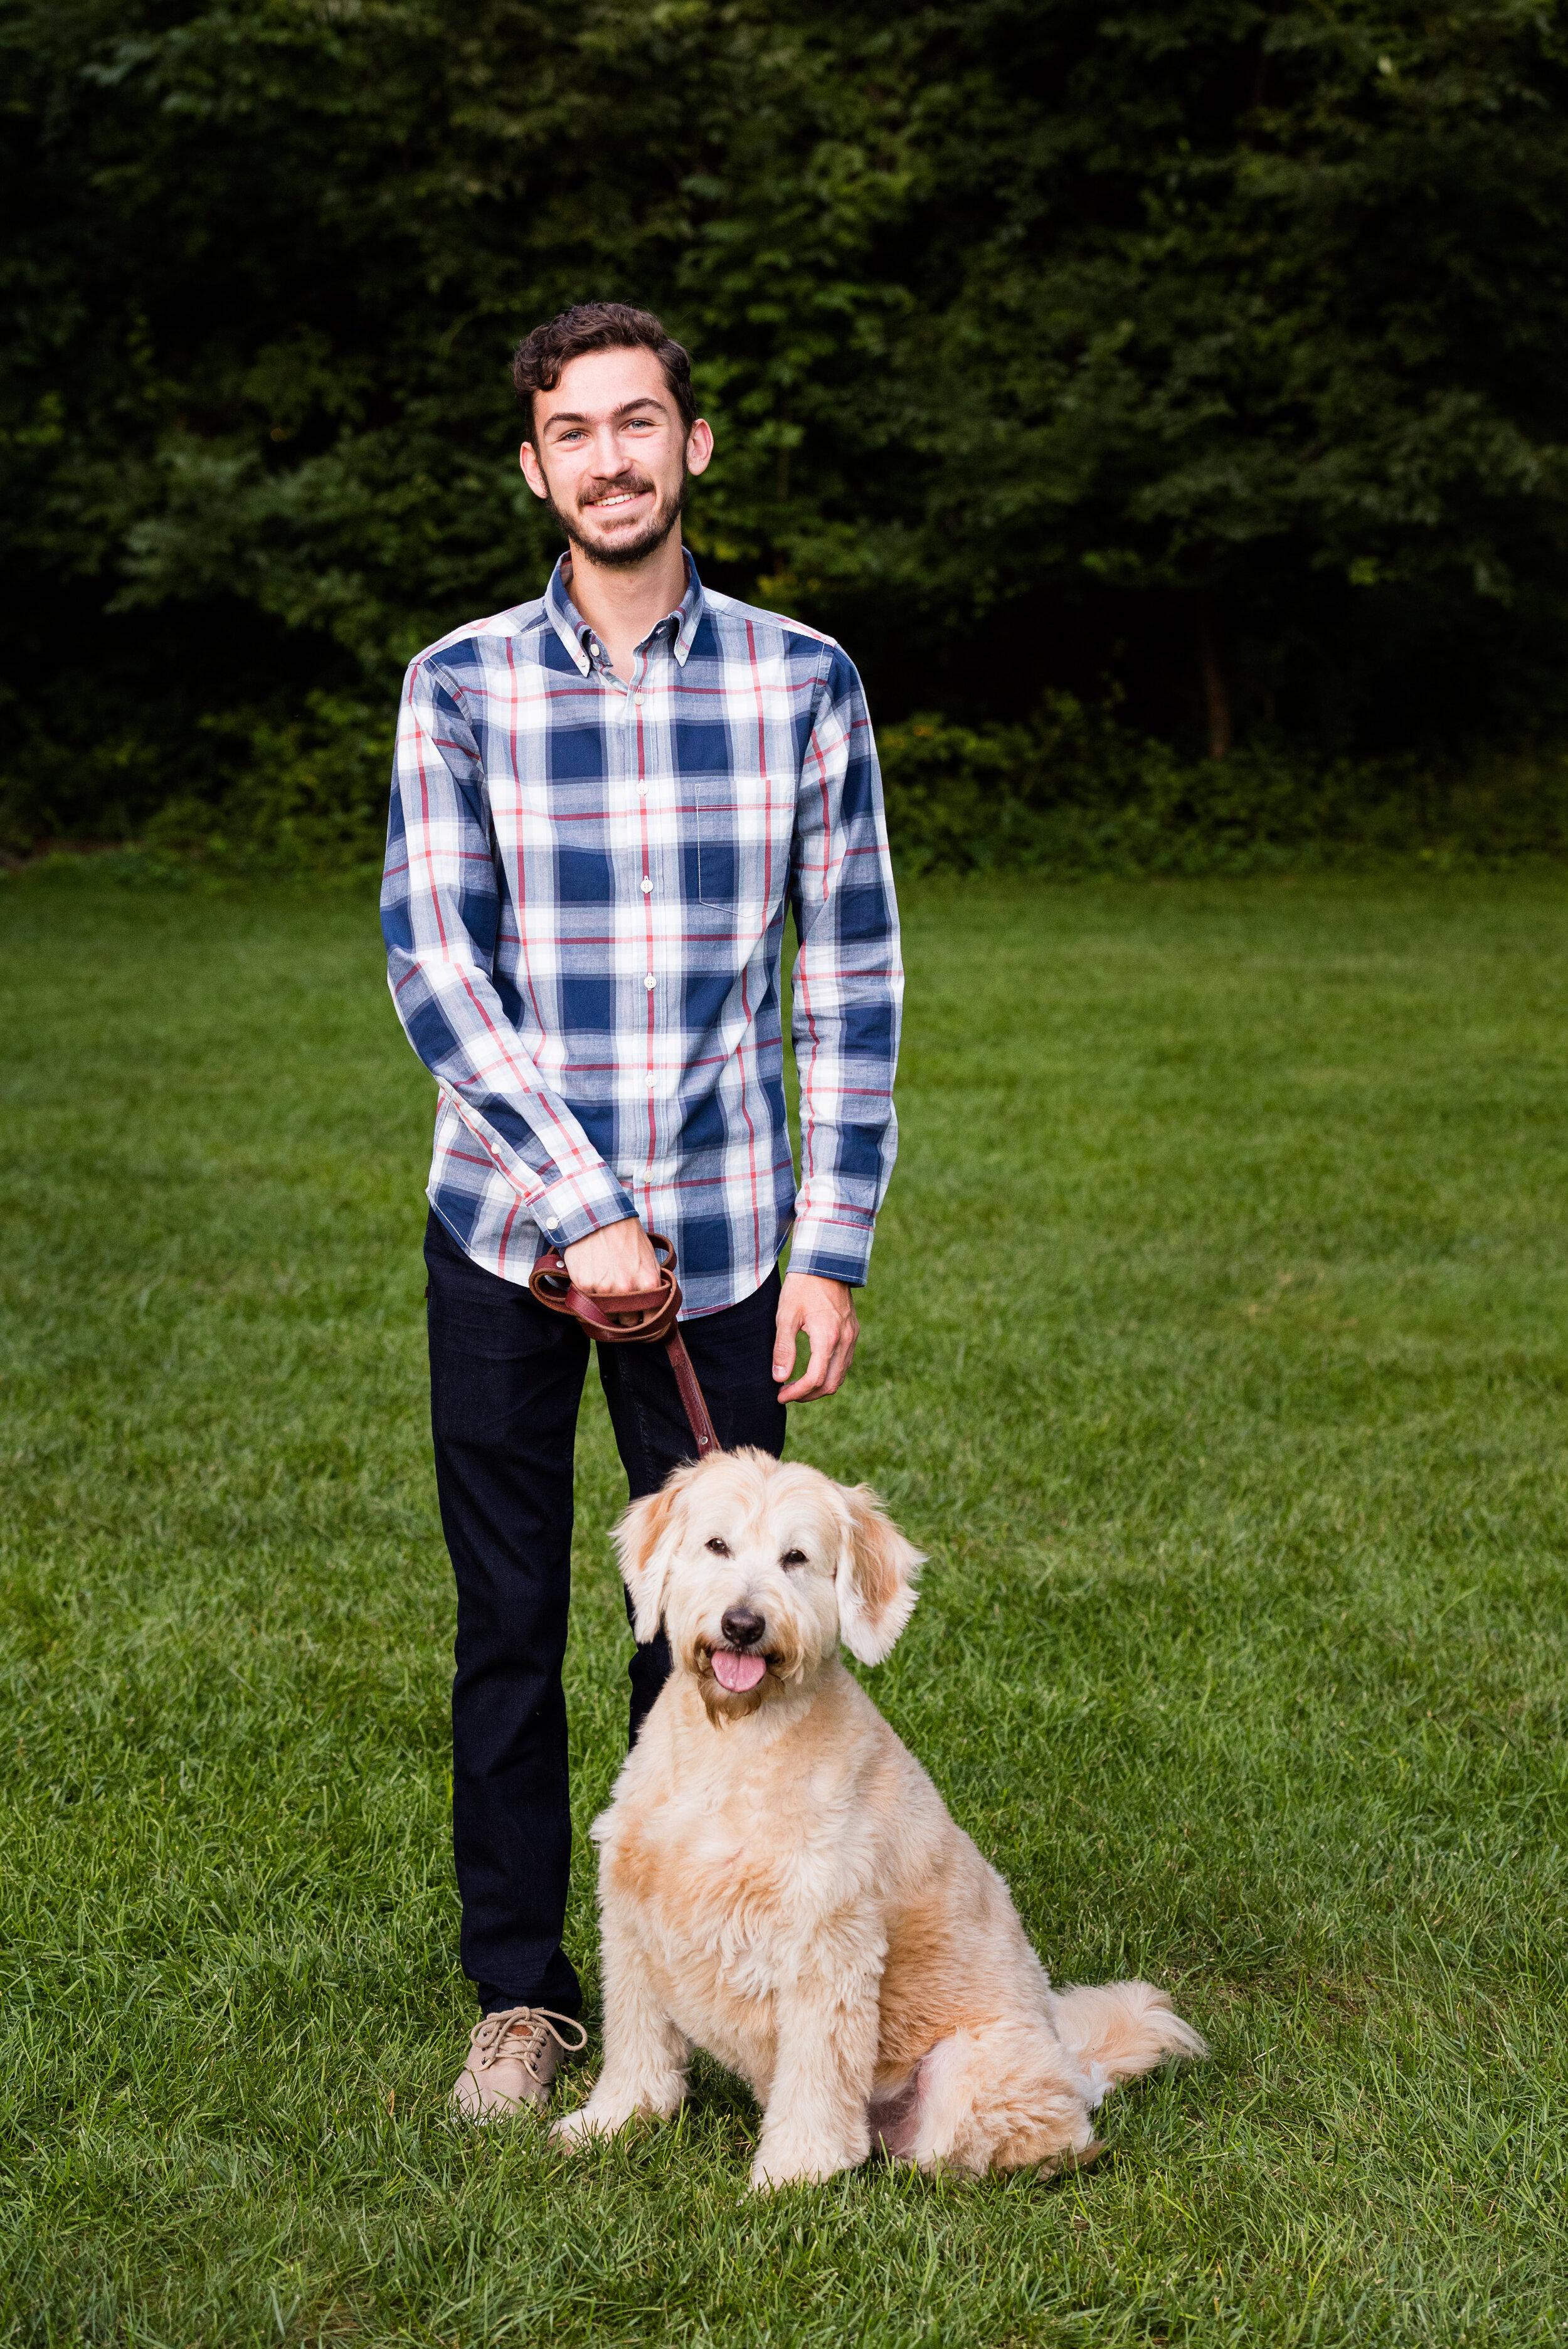 wildwood senior photos with dog